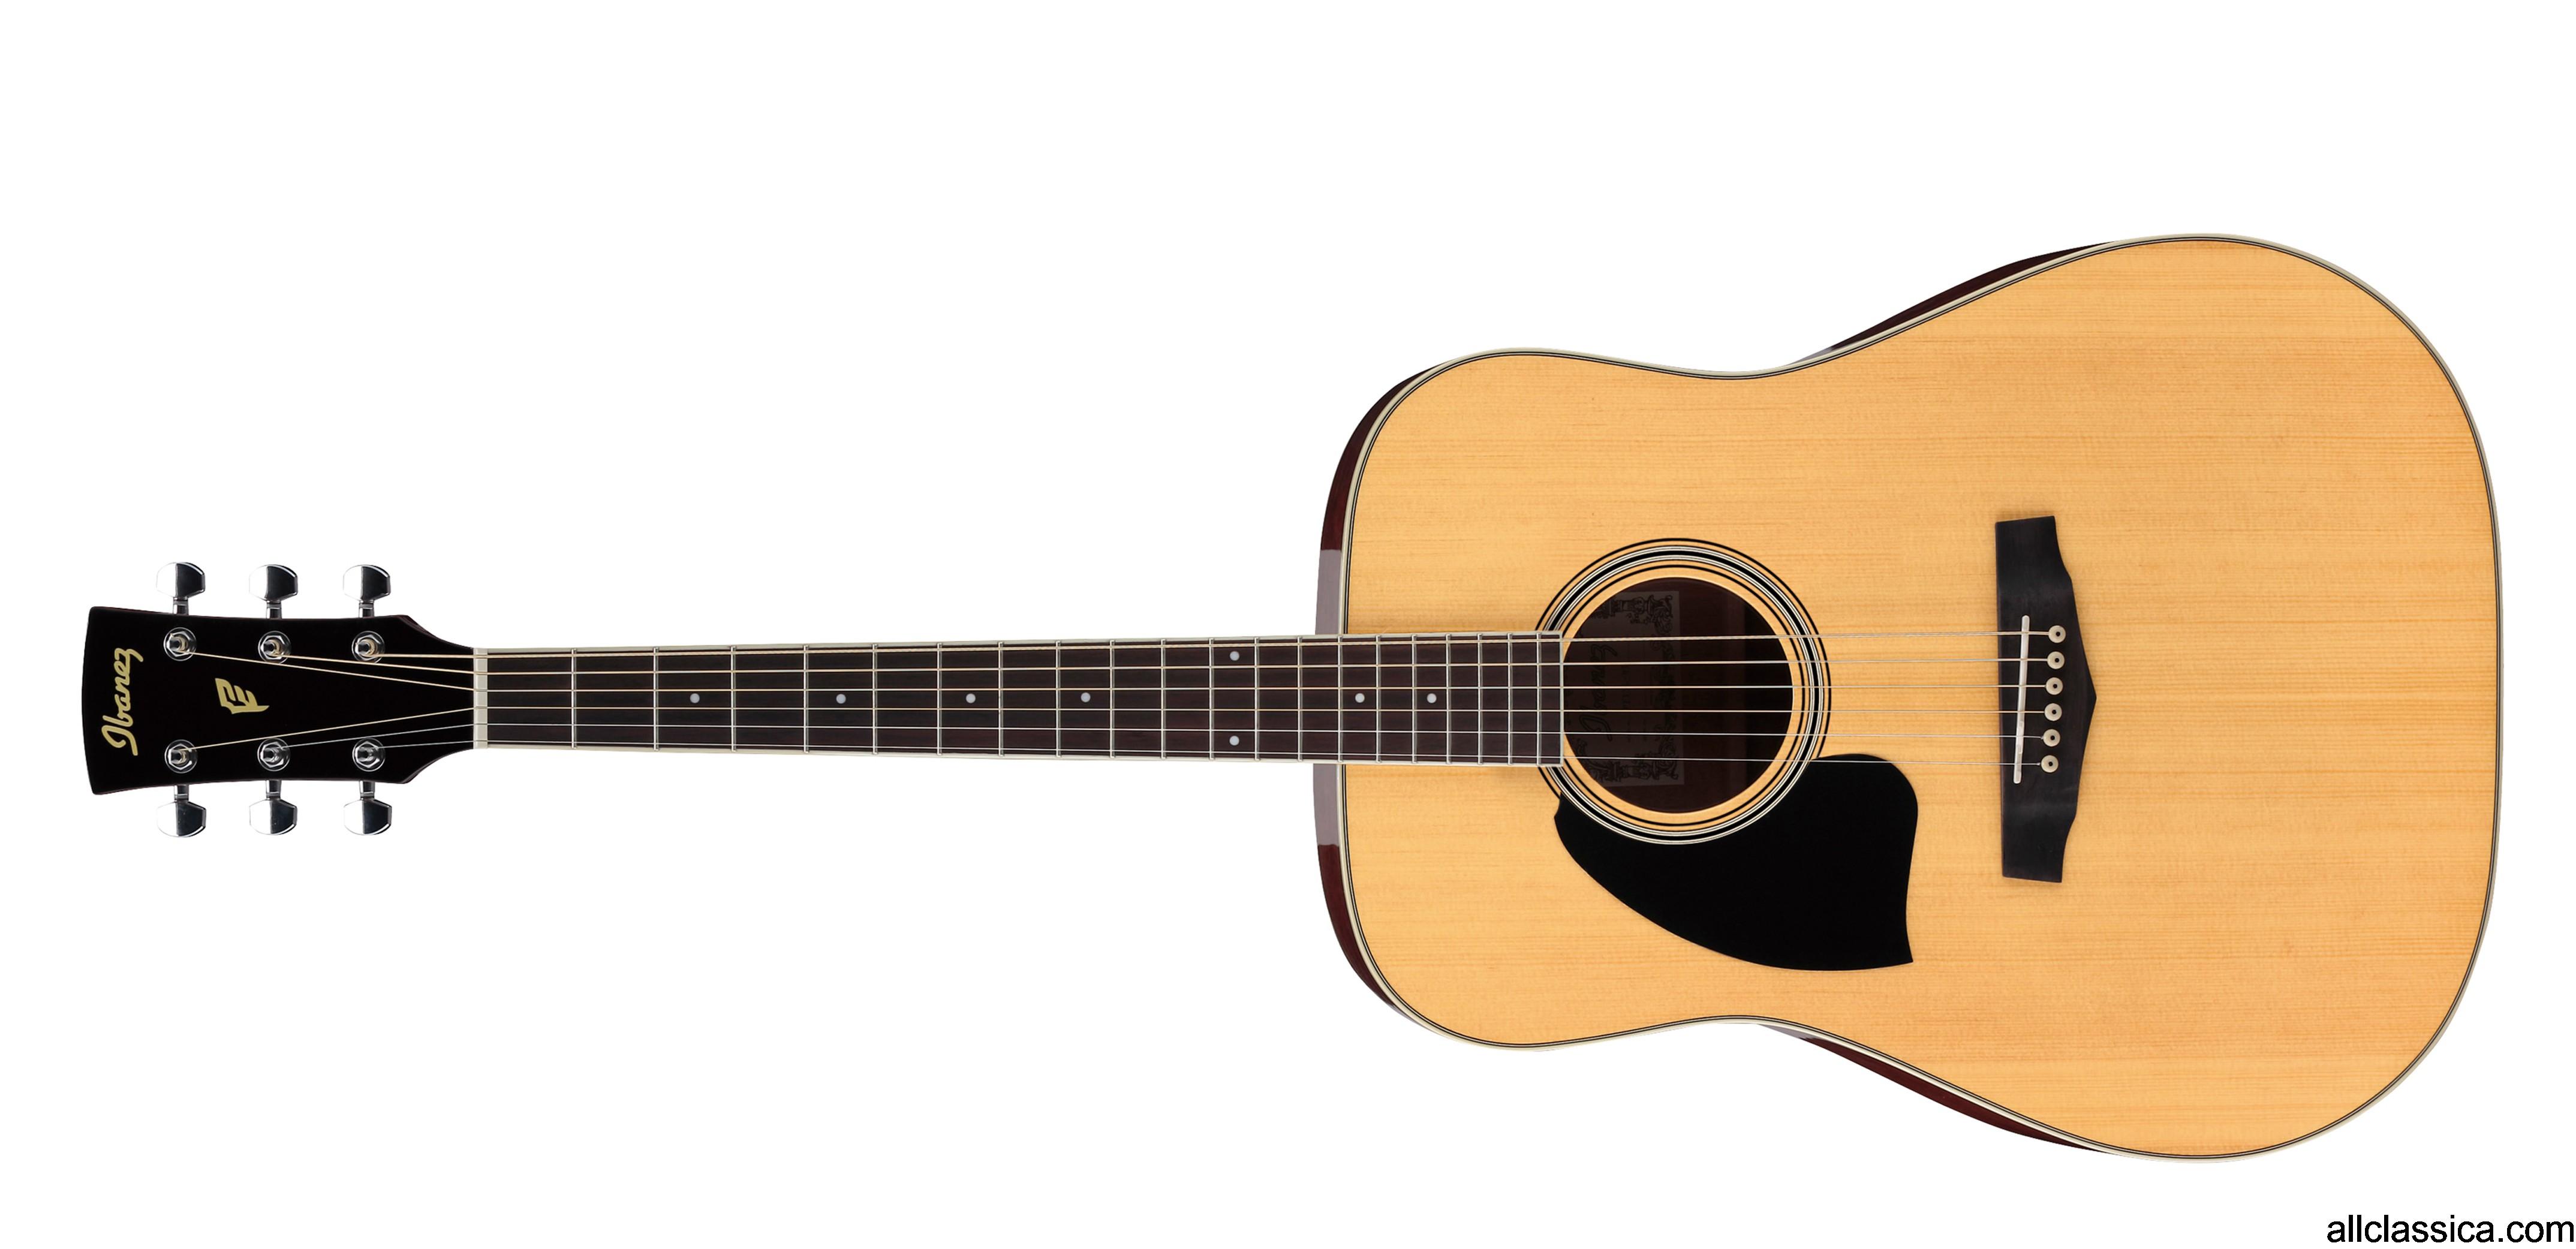 Акустическая гитара mp3 скачать бесплатно